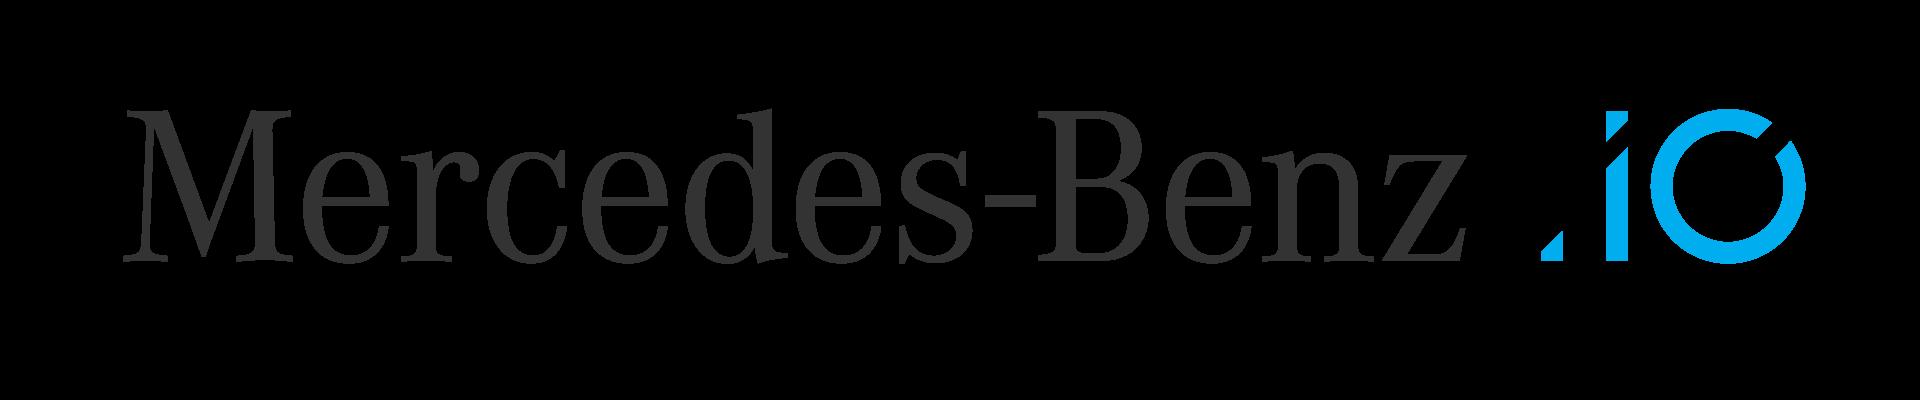 Mercedes_Benz_io_black.png